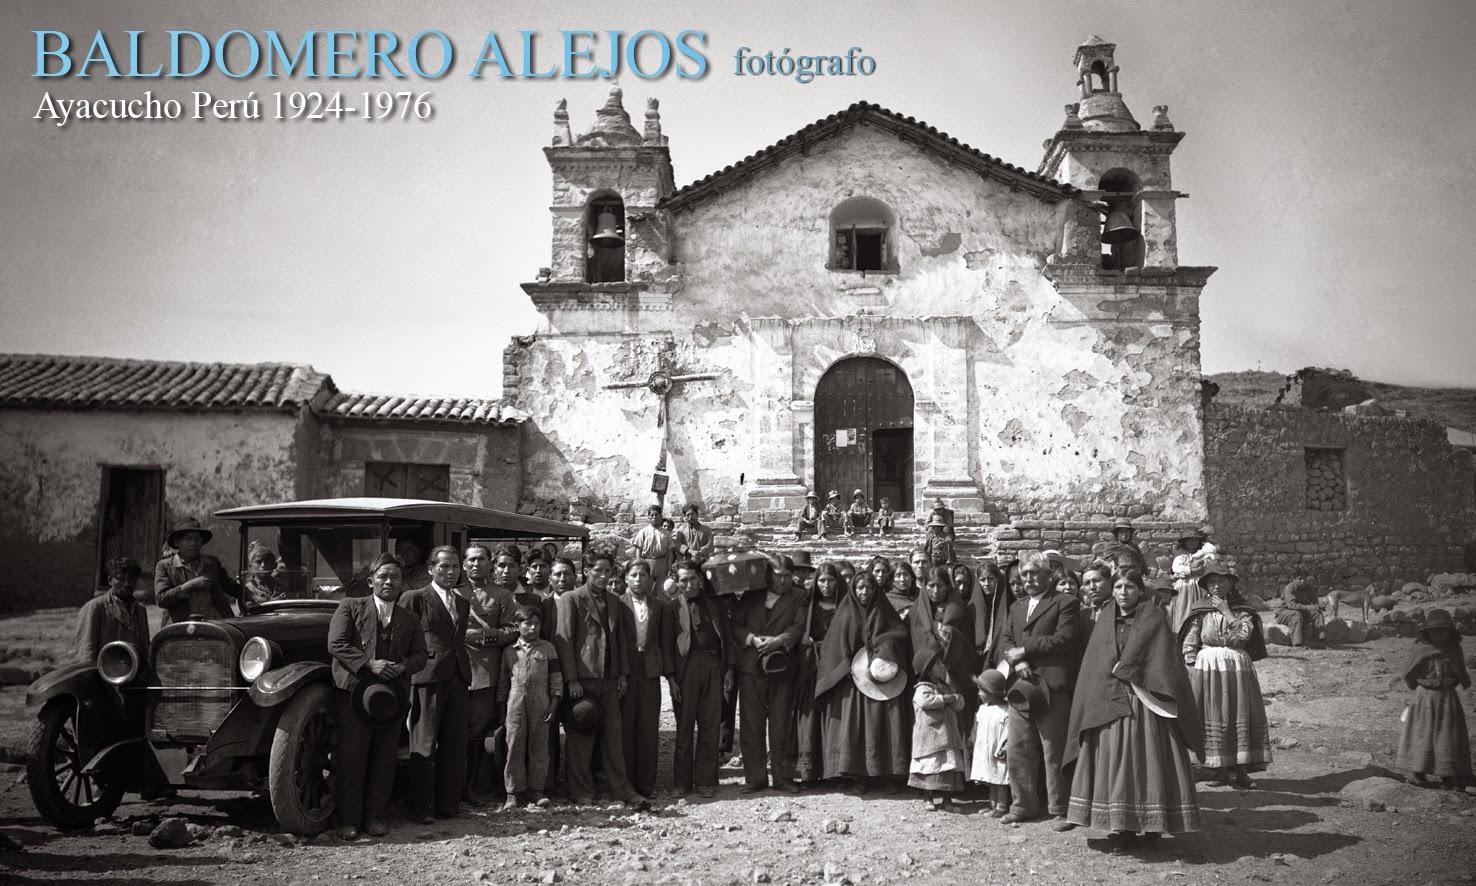 Archivo Fotográfico Baldomero Alejos